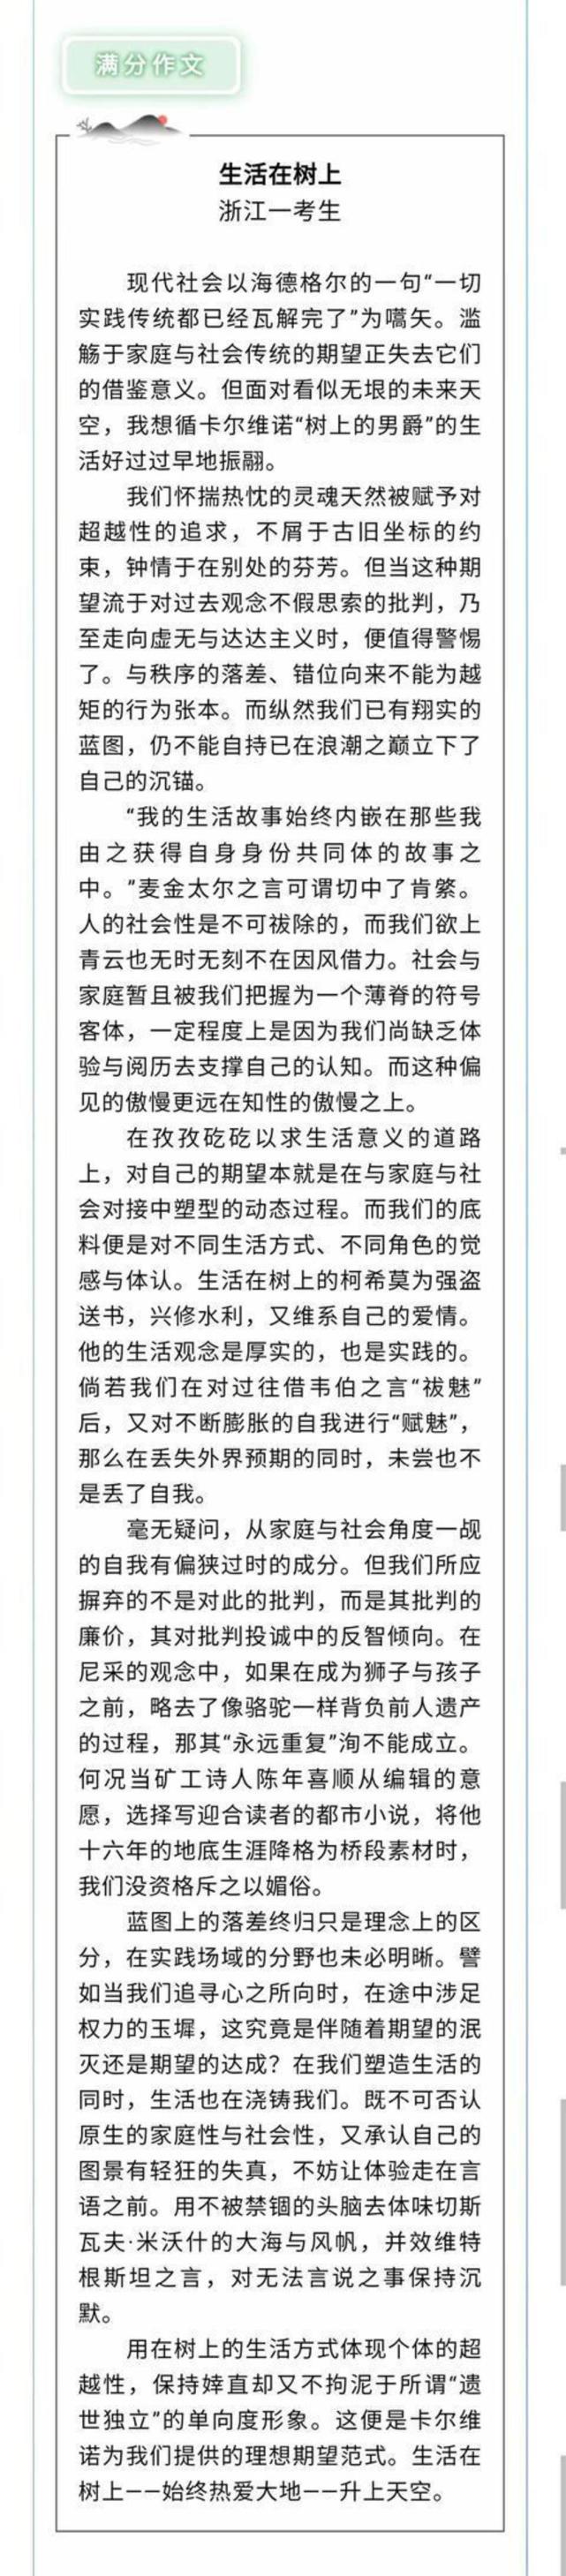 【硬盘挖矿】_浙江高考满分作文引热议 官方回应:评卷程序无任何问题